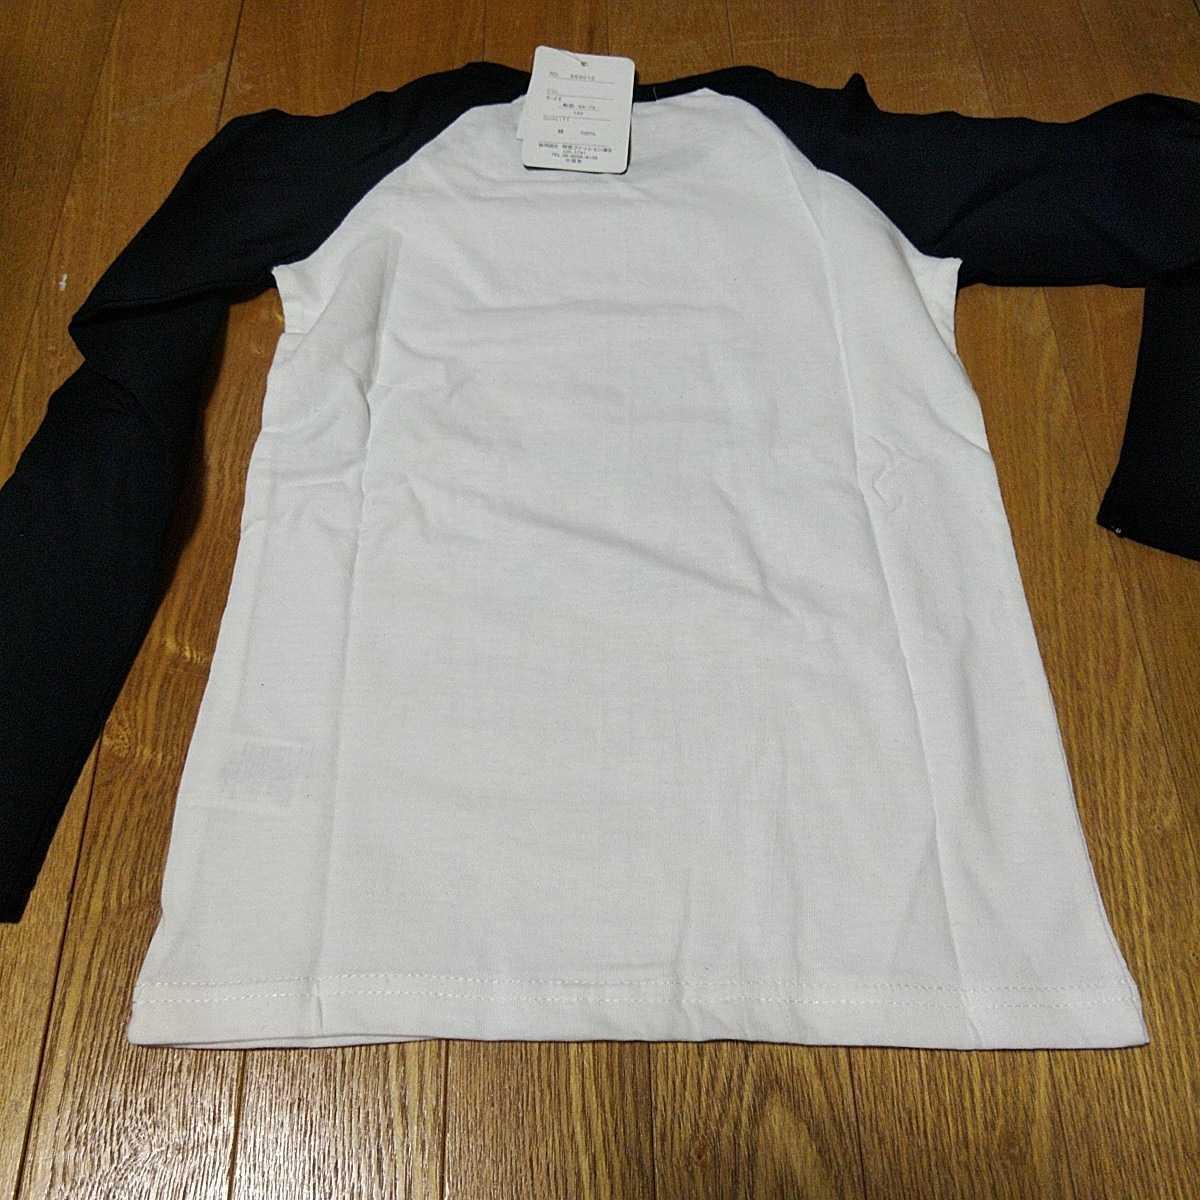 長袖Tシャツ カットソー 140サイズ 未使用 送料無料 認証制限なし クーポン利用 女児_画像5